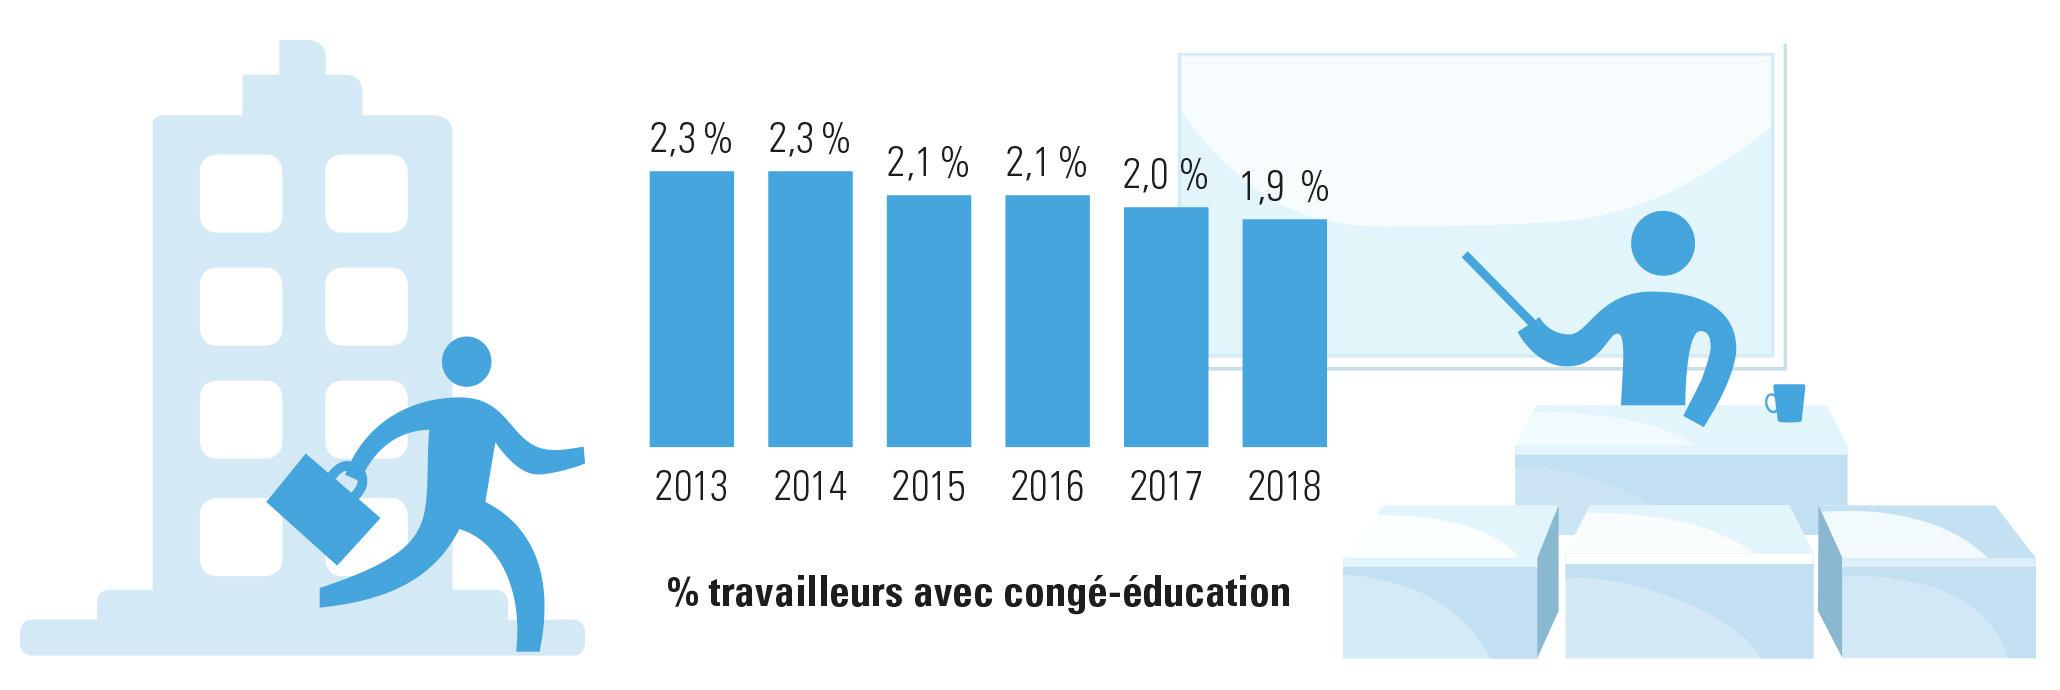 pourcentage de travailleurs belges prenant le congé-éducation payé